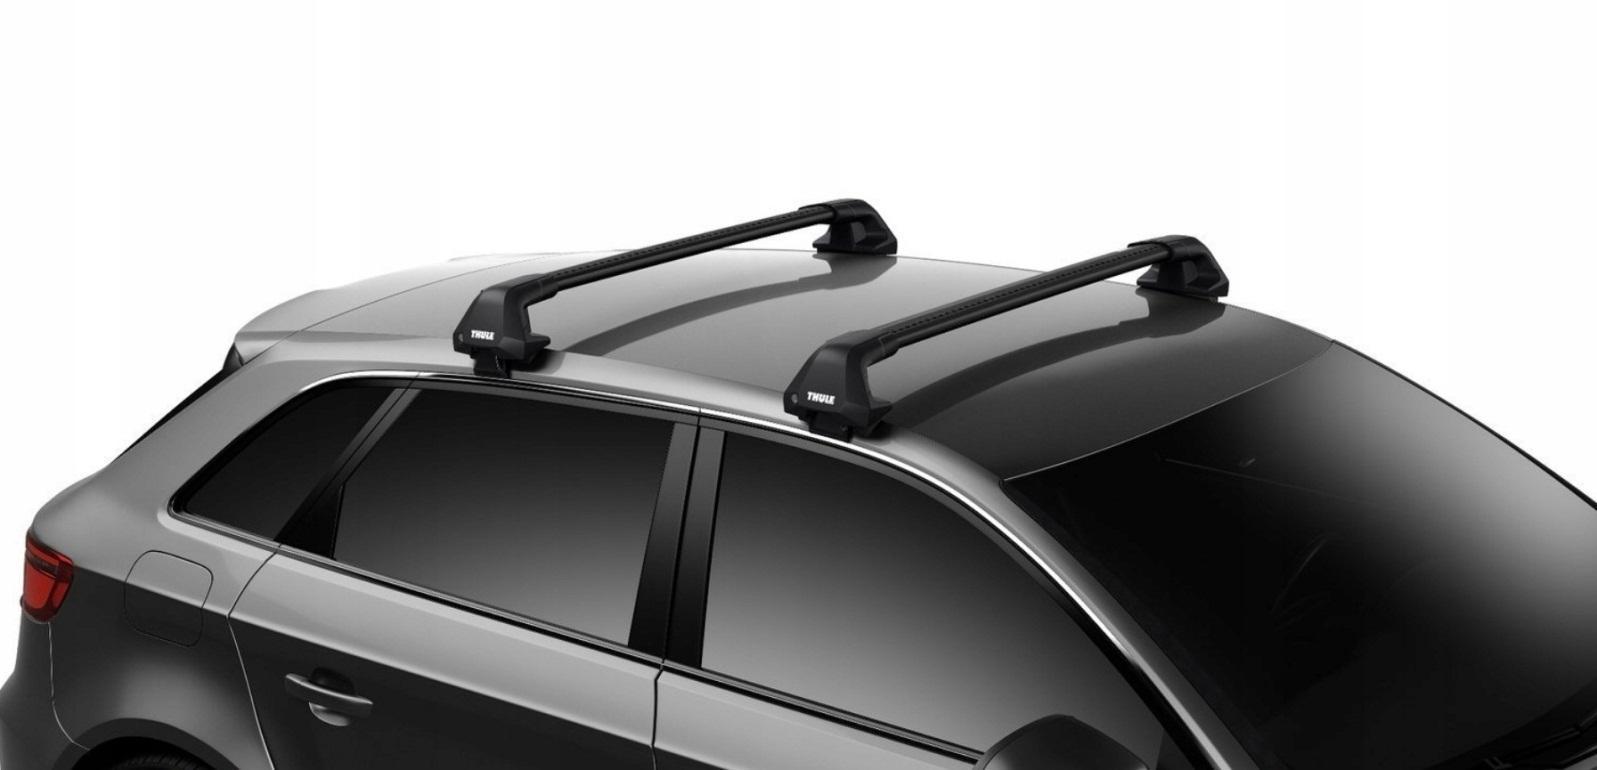 Багажники Thule: качество, удобство и надежность